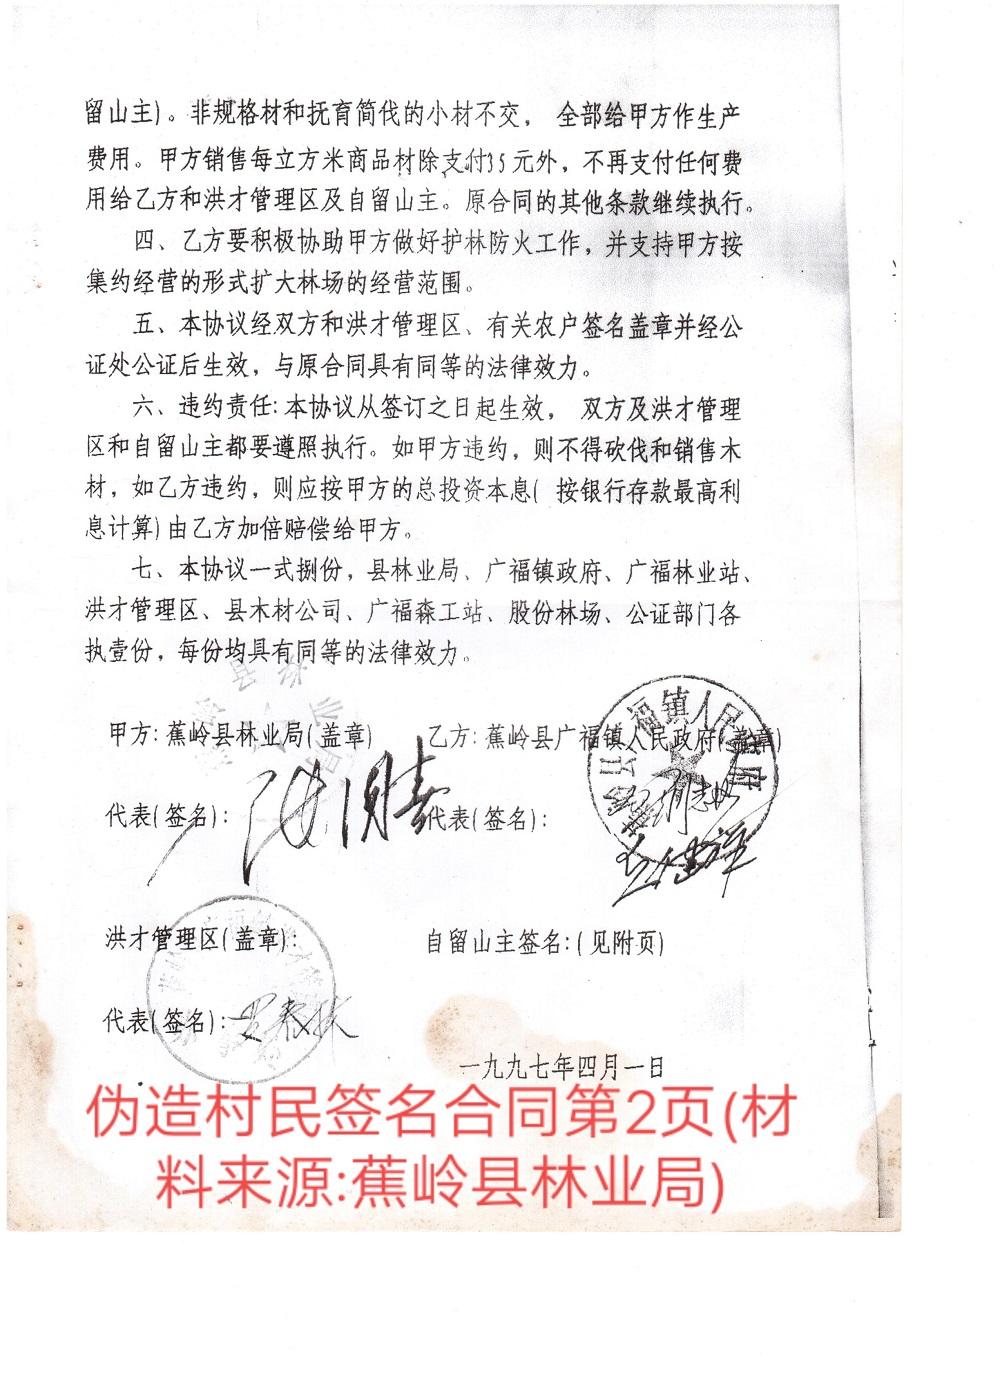 蕉岭县林业局涉嫌伪造合同把赖国庭等村民的山林转让给龙思云